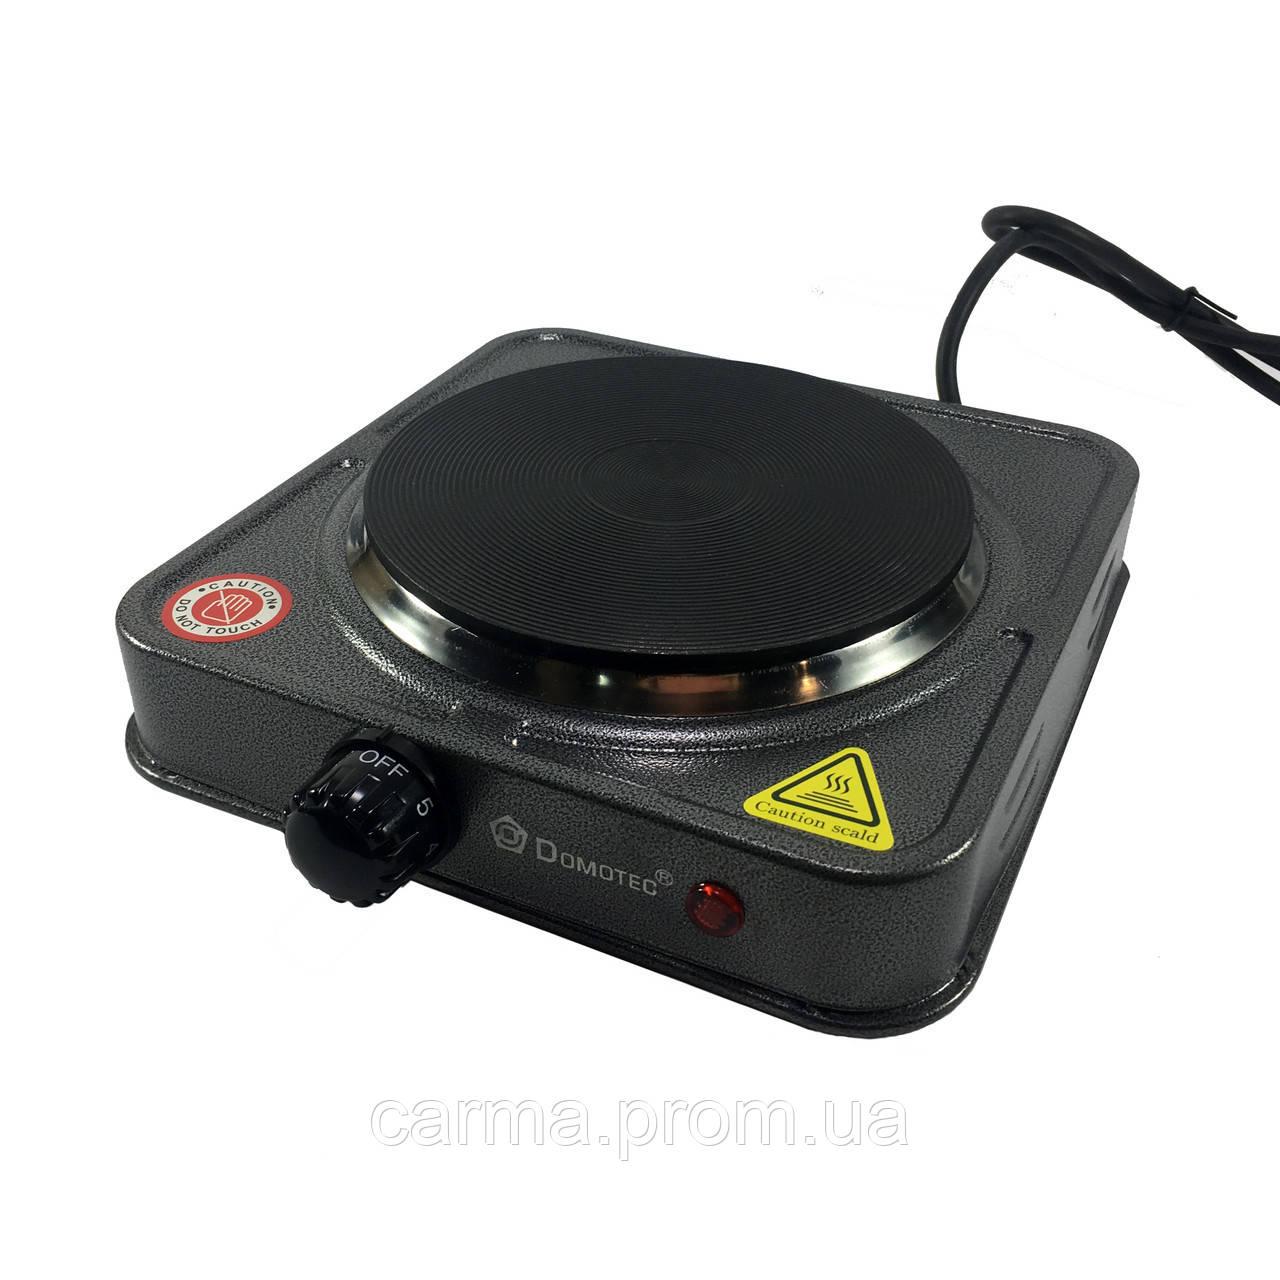 Электроплита настольная Domotec MS-5821 1000 Вт Черная